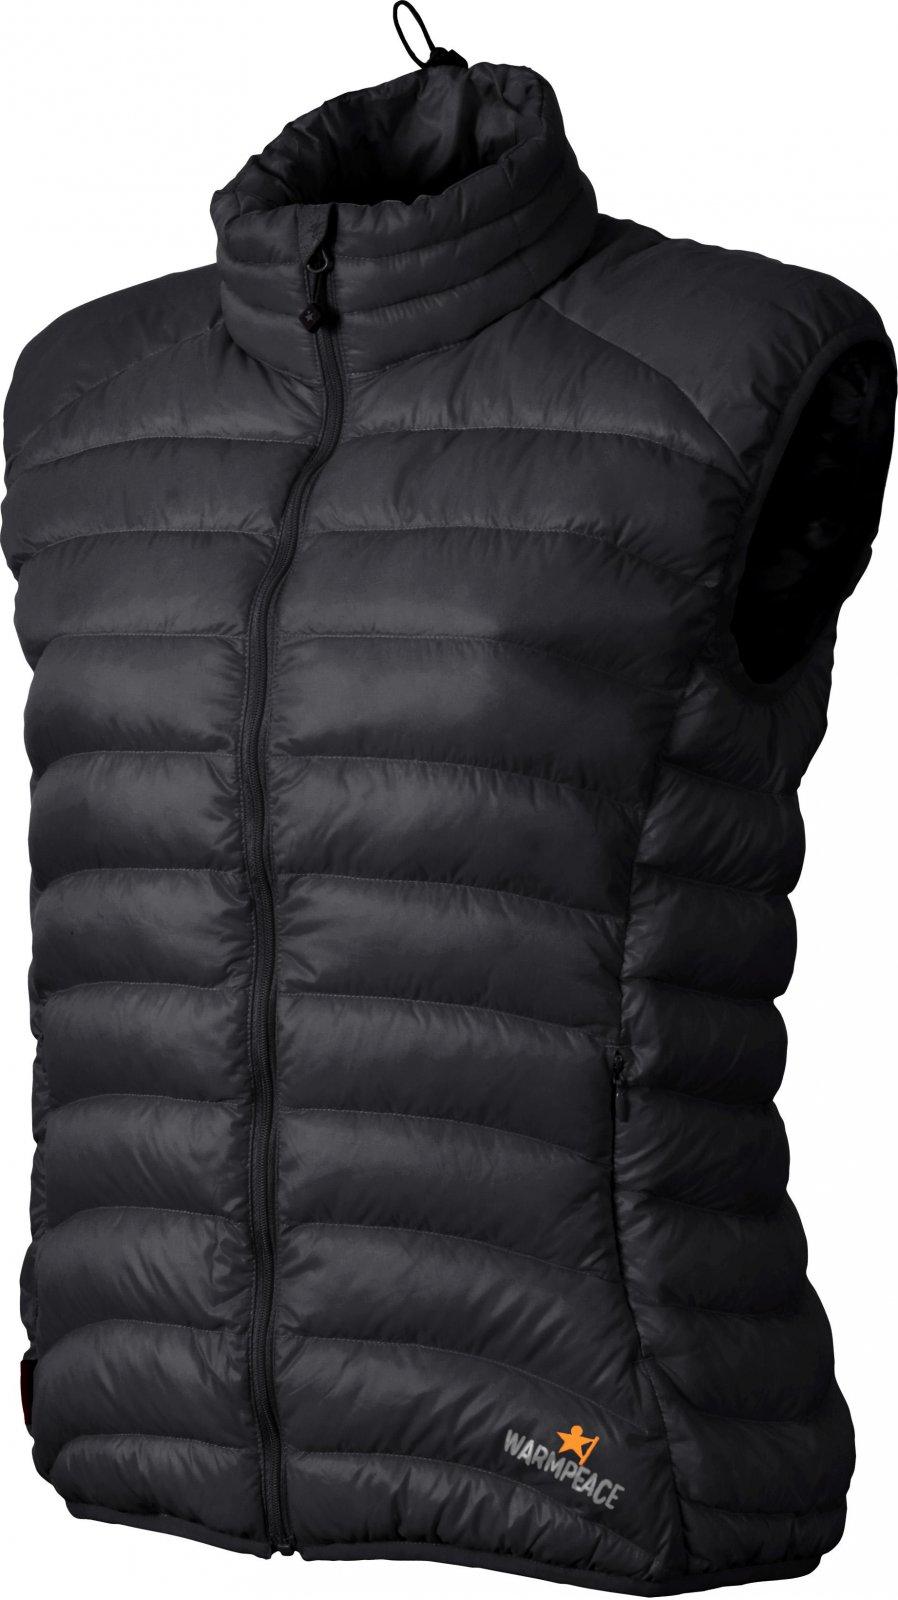 02980ae352c4 Warmpeace Swan Lady vesta černá od 2 078 Kč